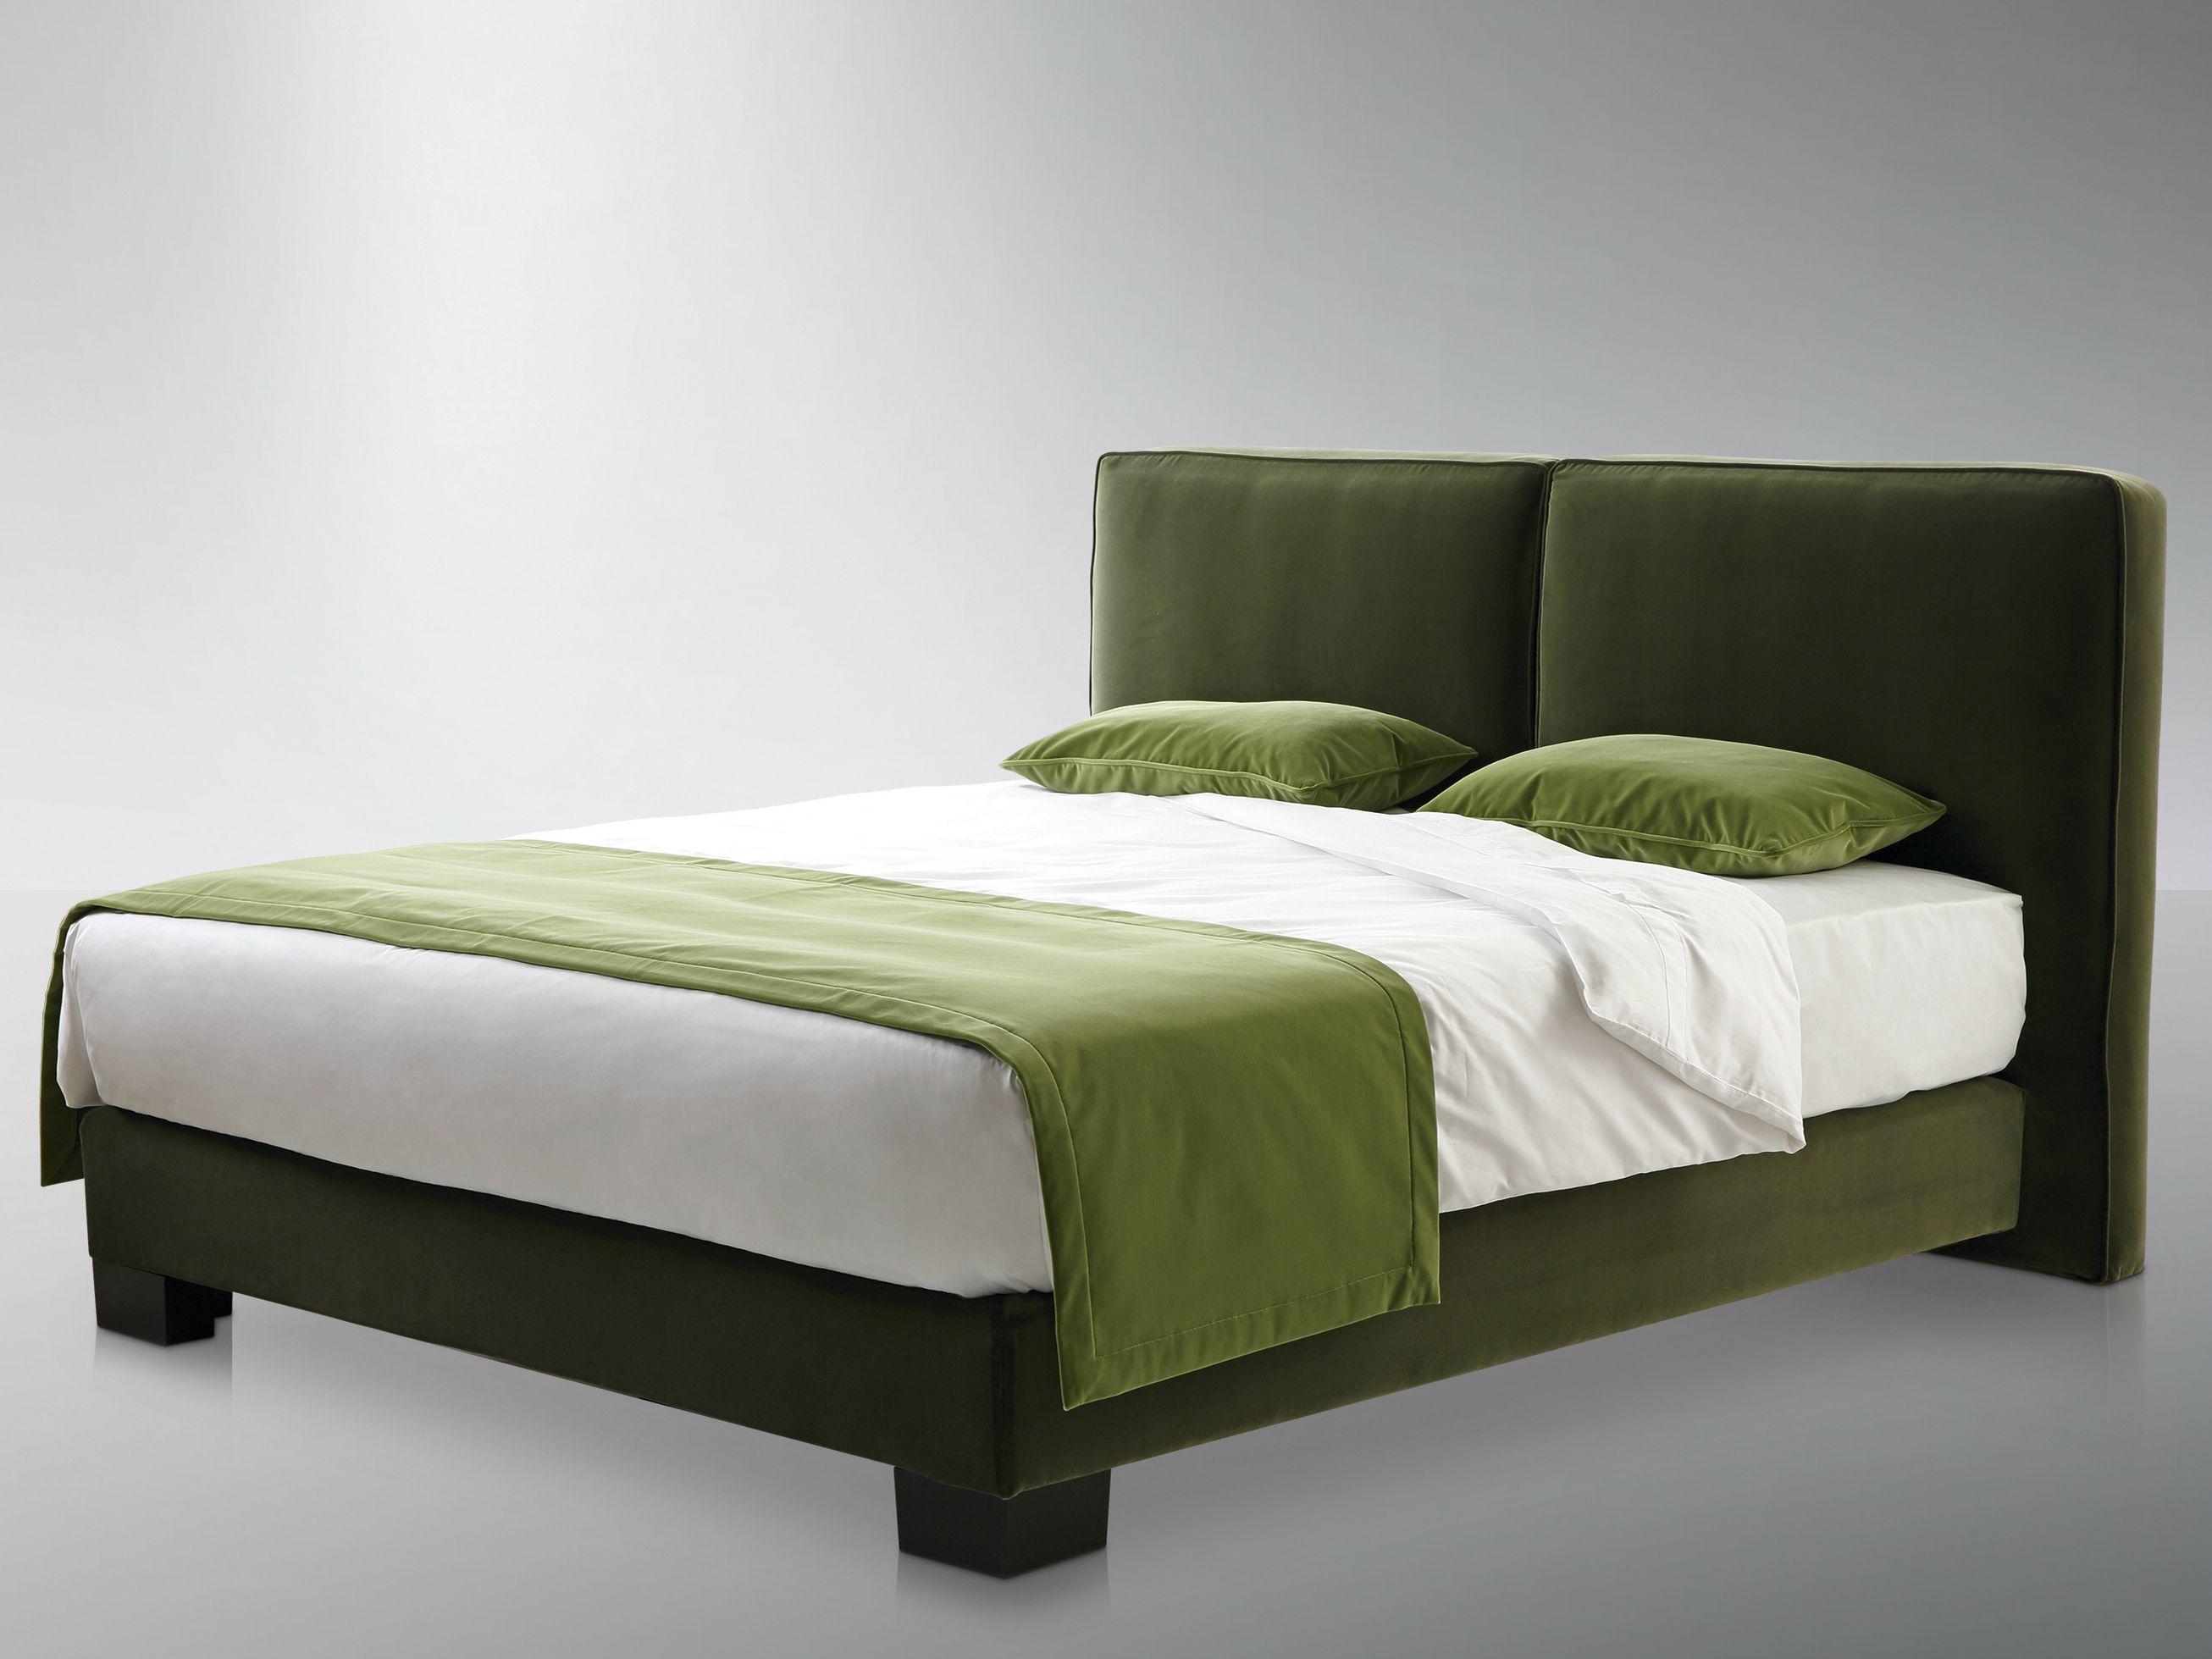 Cabeceira alta estofada para camas de casal club by treca interiors paris design andreas weber - Testate letto matrimoniale ...